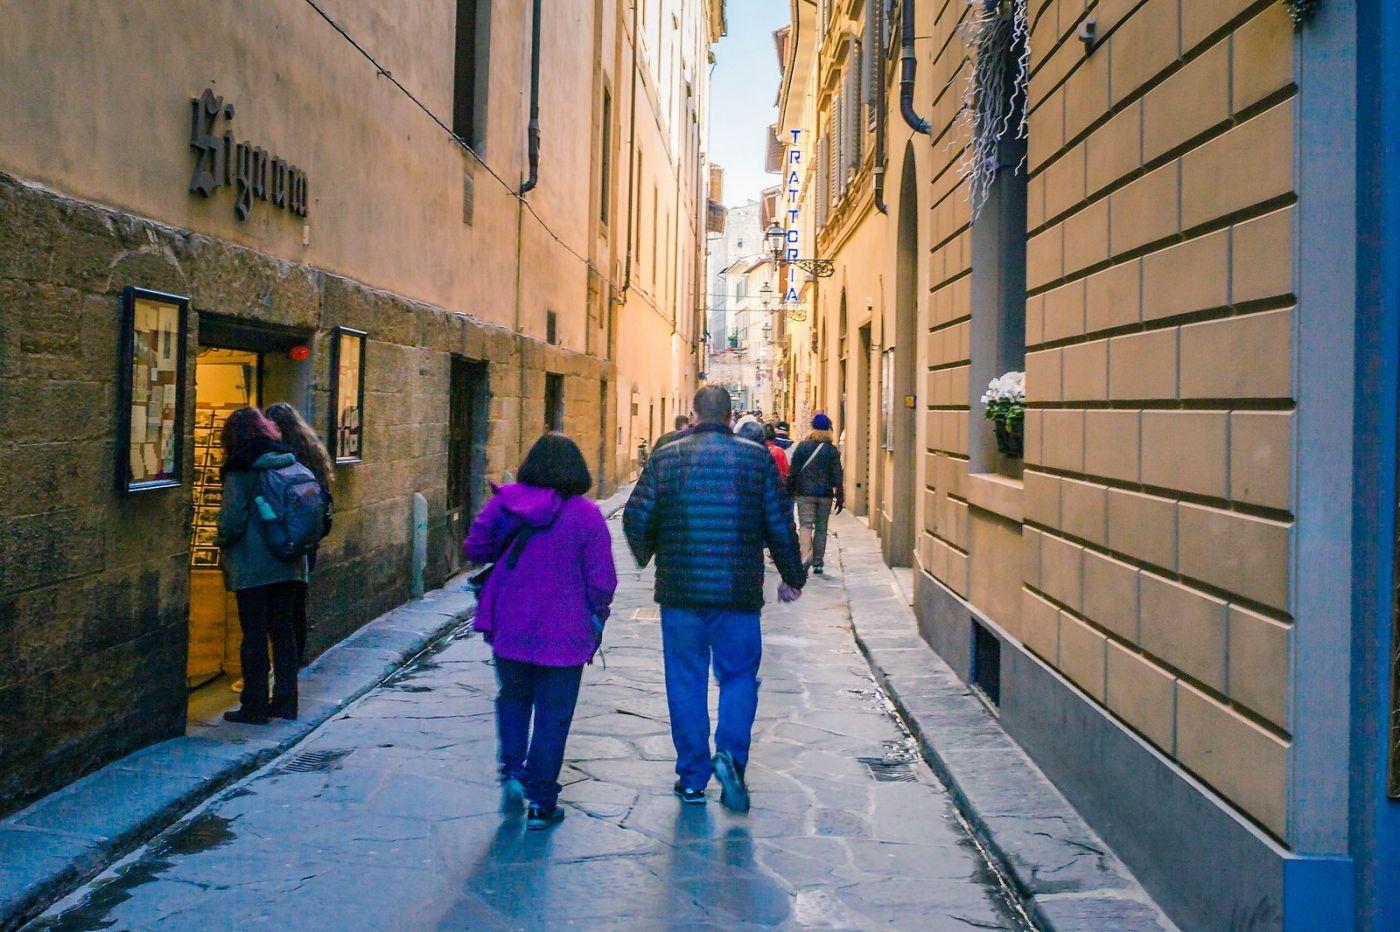 意大利佛罗伦萨(Florence),小街文化_图1-16